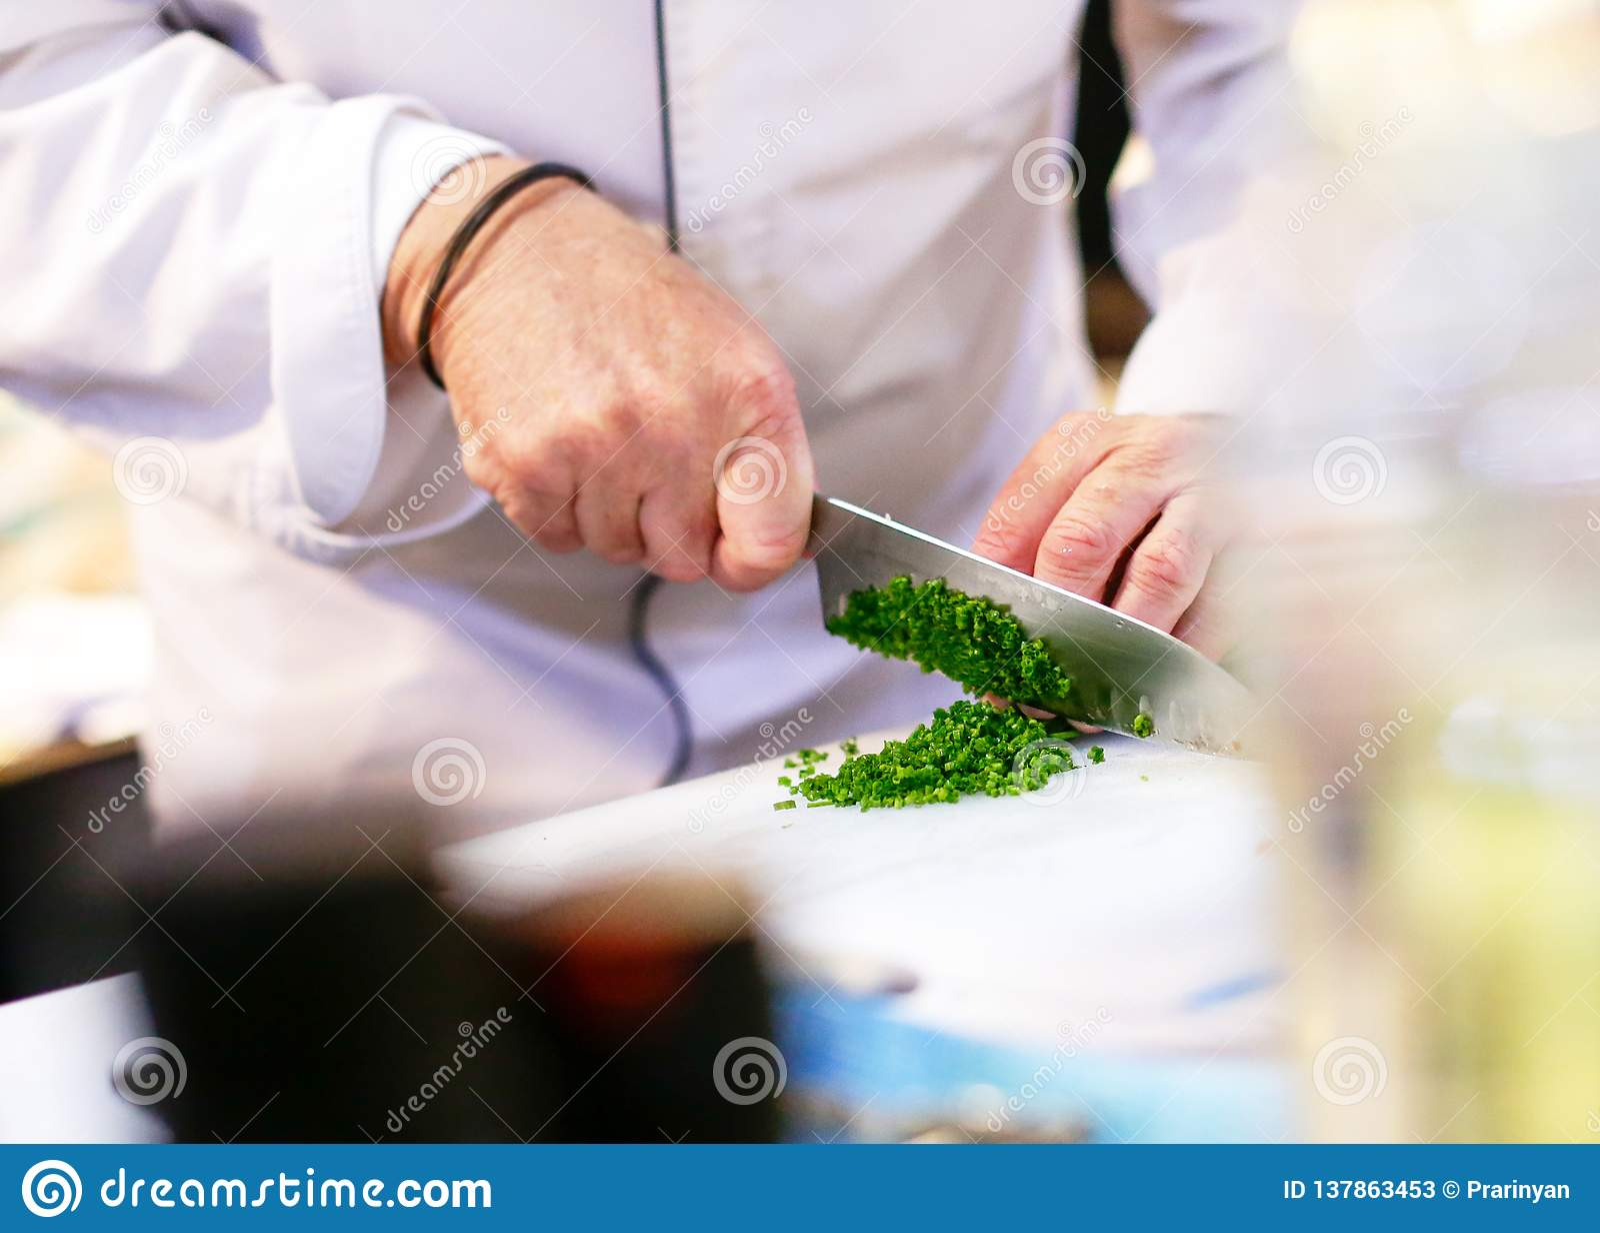 Hacken der Frühlingszwiebel, Chef, der Frischgemüse für das Kochen schneidet